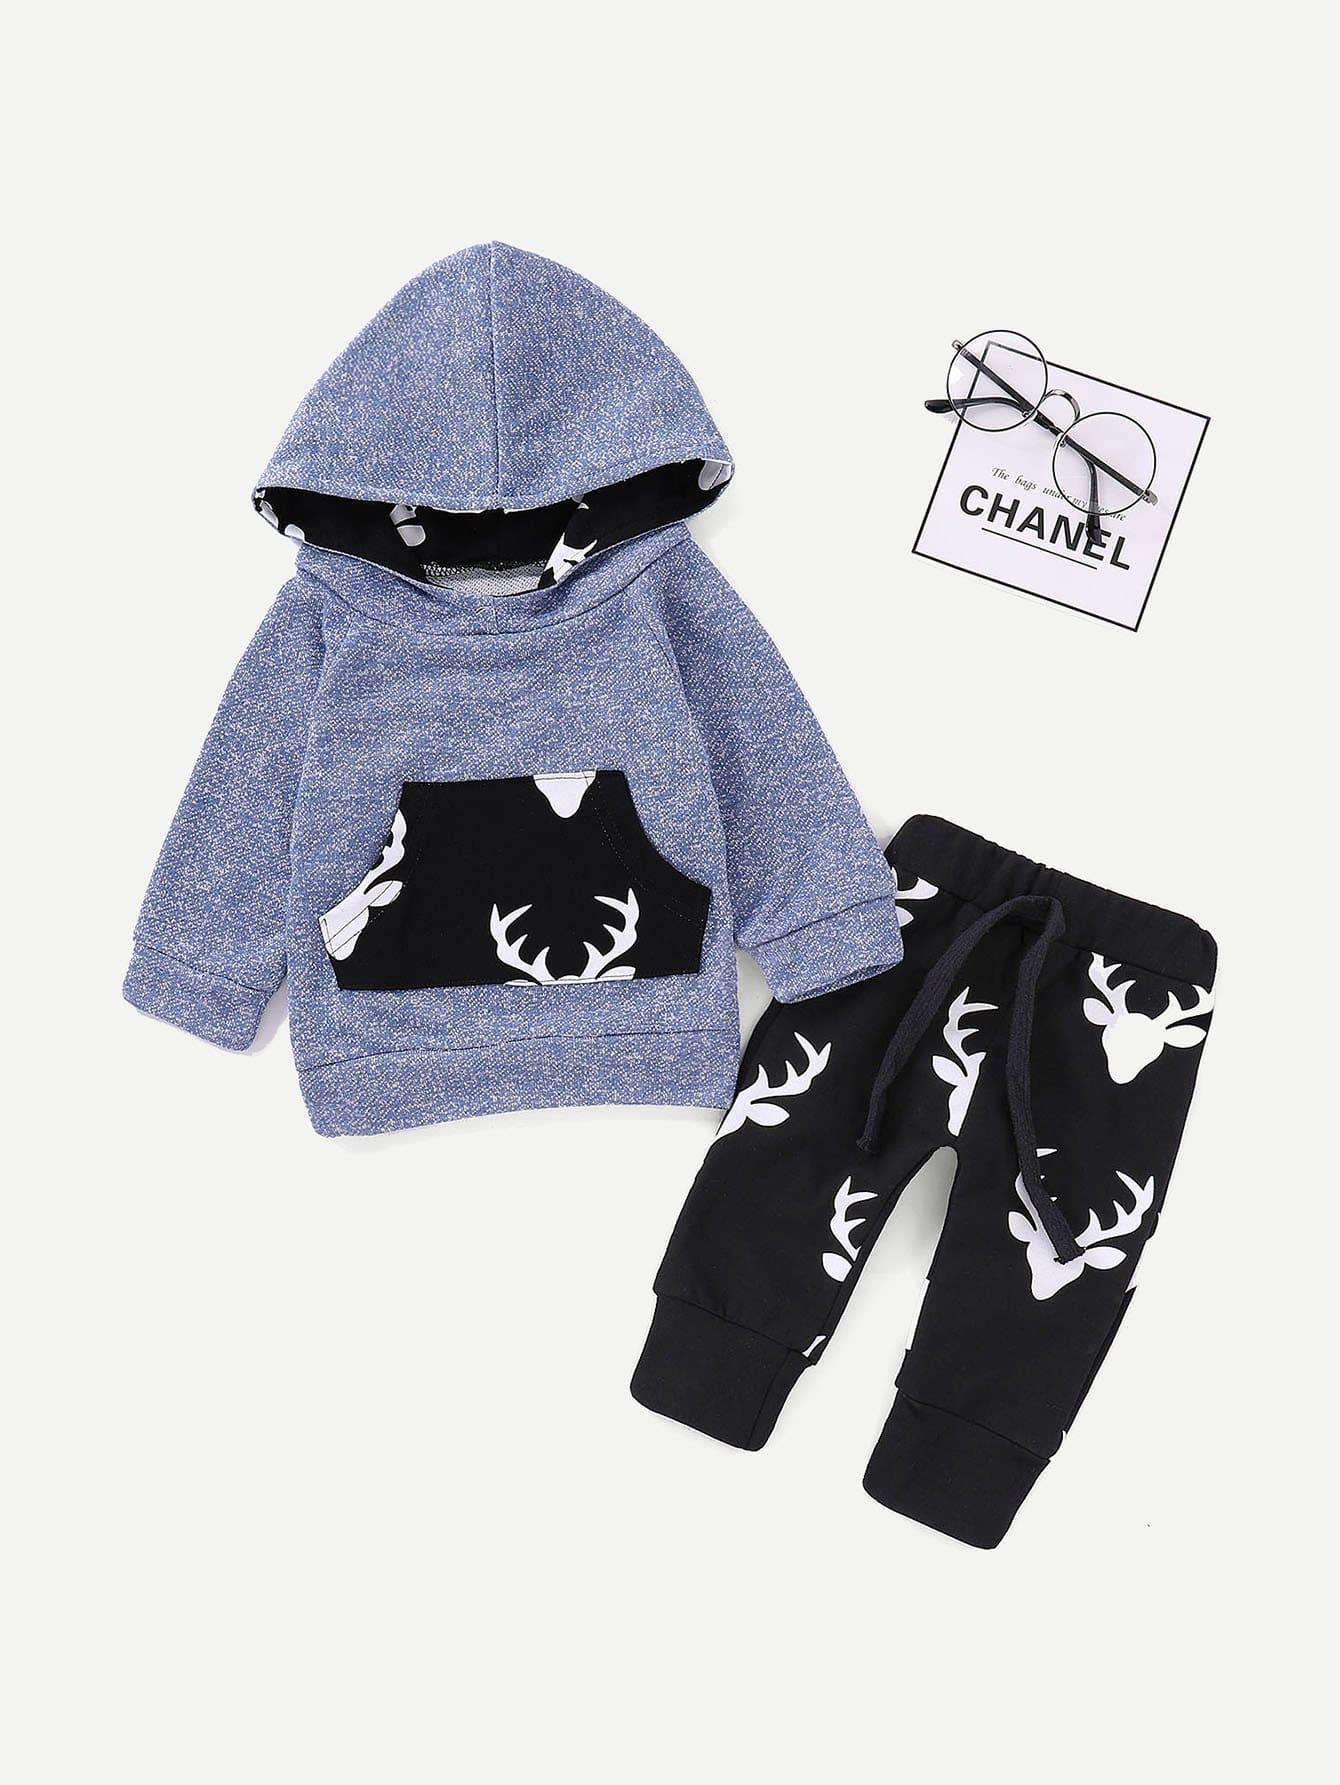 Купить Свитшот с капюшоном и брюки с принтом оленя для плода мужского рода, null, SheIn